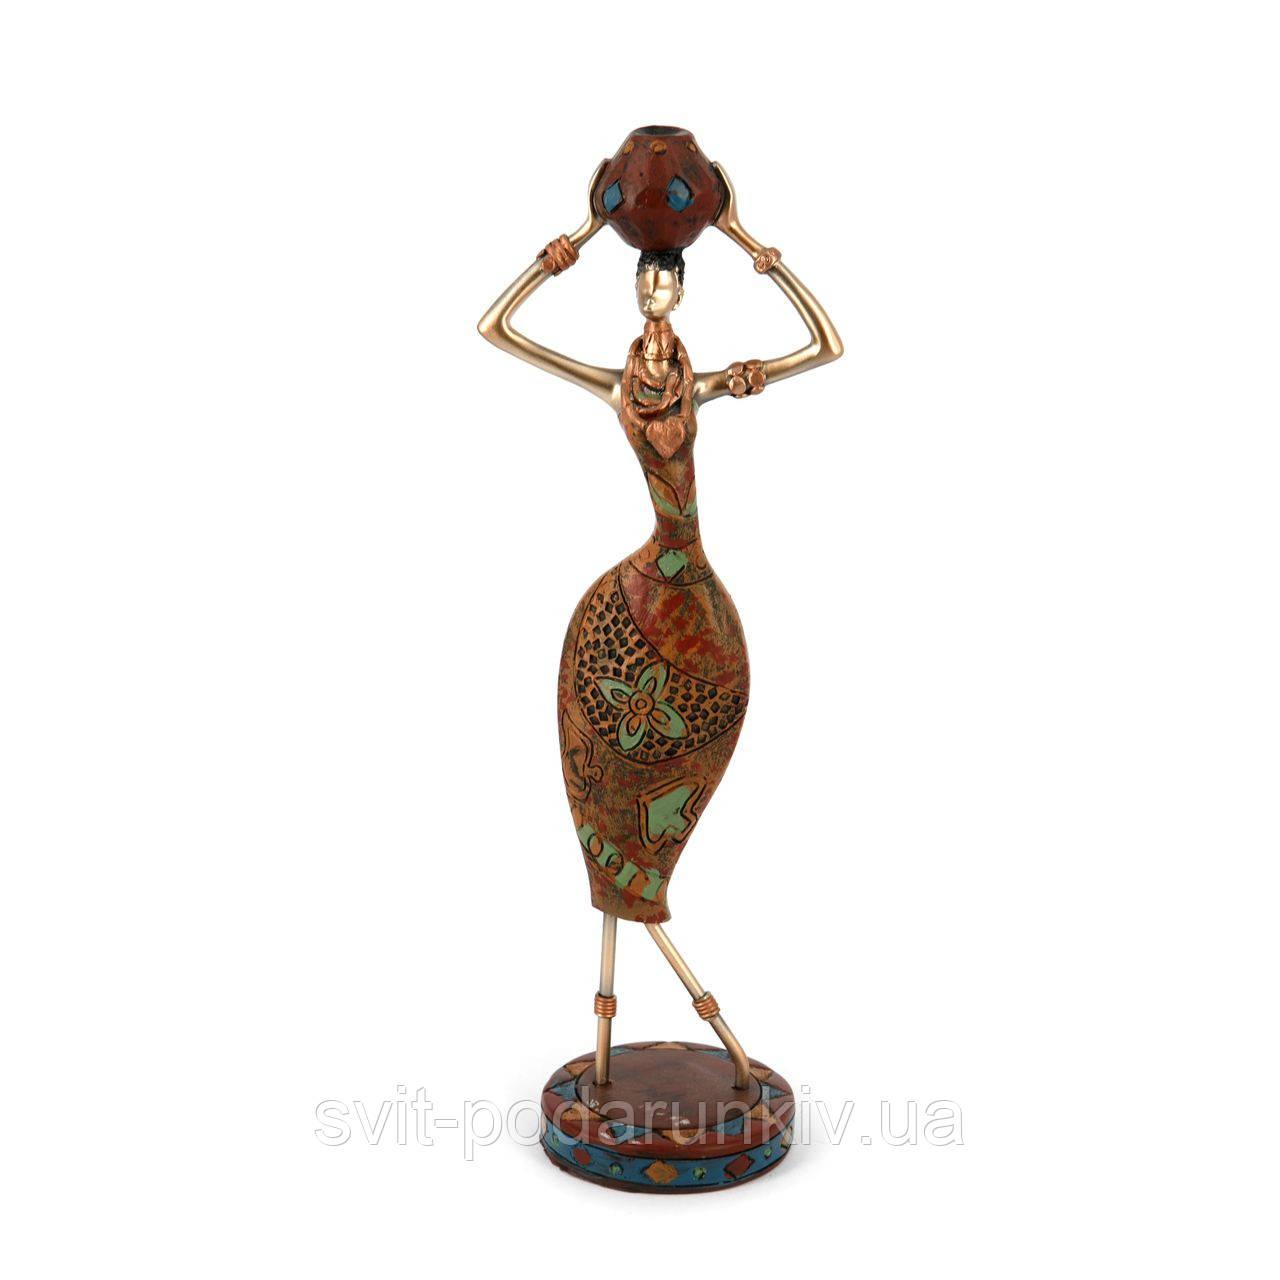 Декоративная фигурка африканки 7597 B